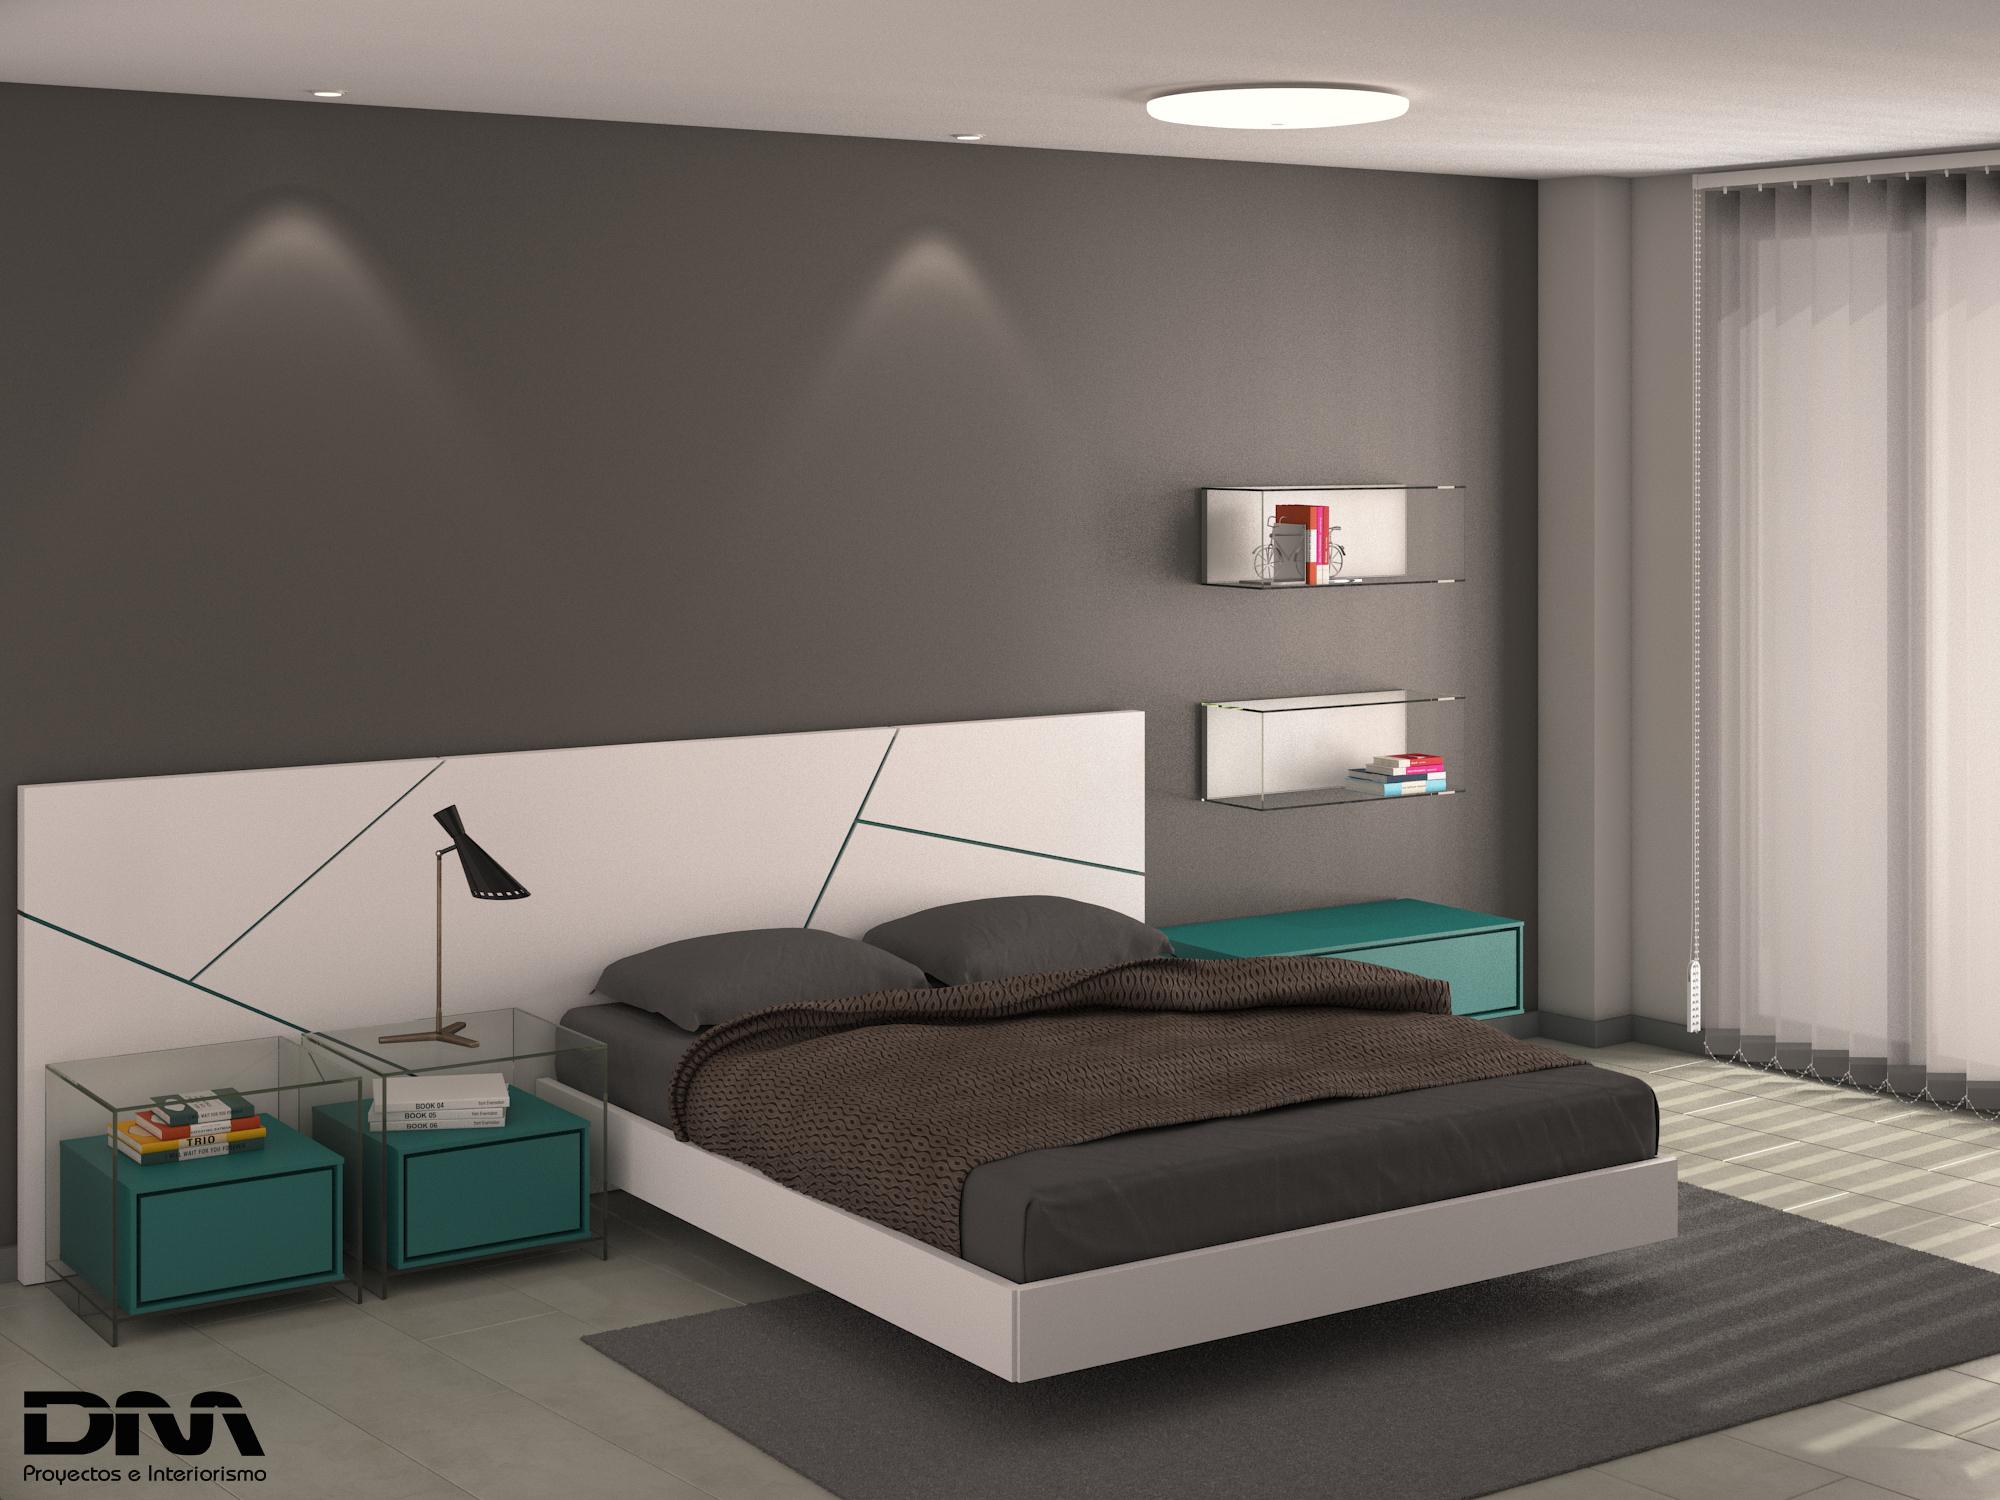 Proyectos de interiorismo 3d para viviendas en valencia - Proyectos de interiorismo online ...